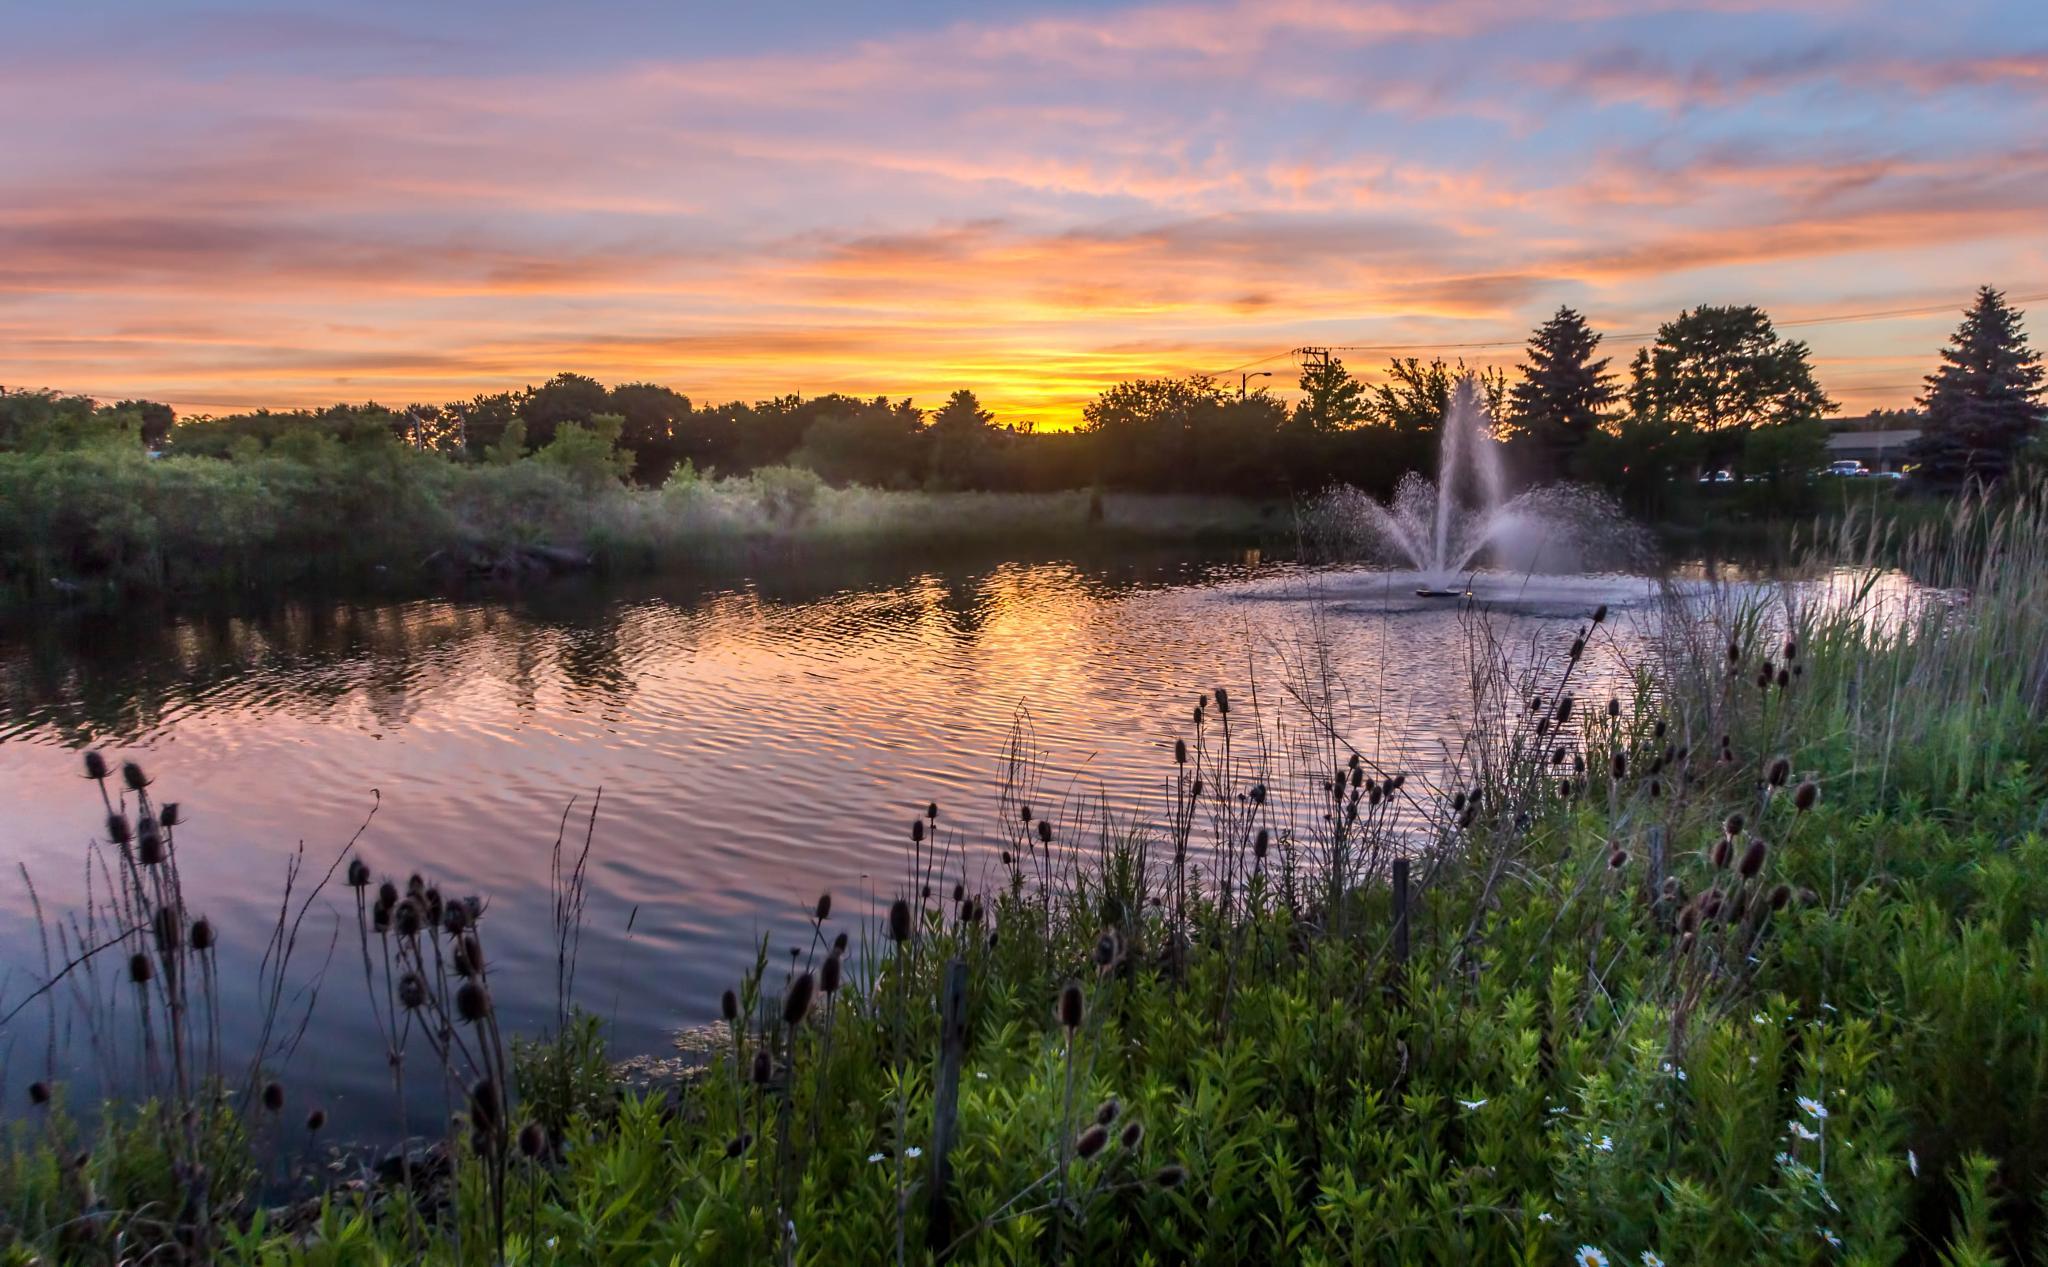 Lake in Lombard, IL USA by freezeframefotos